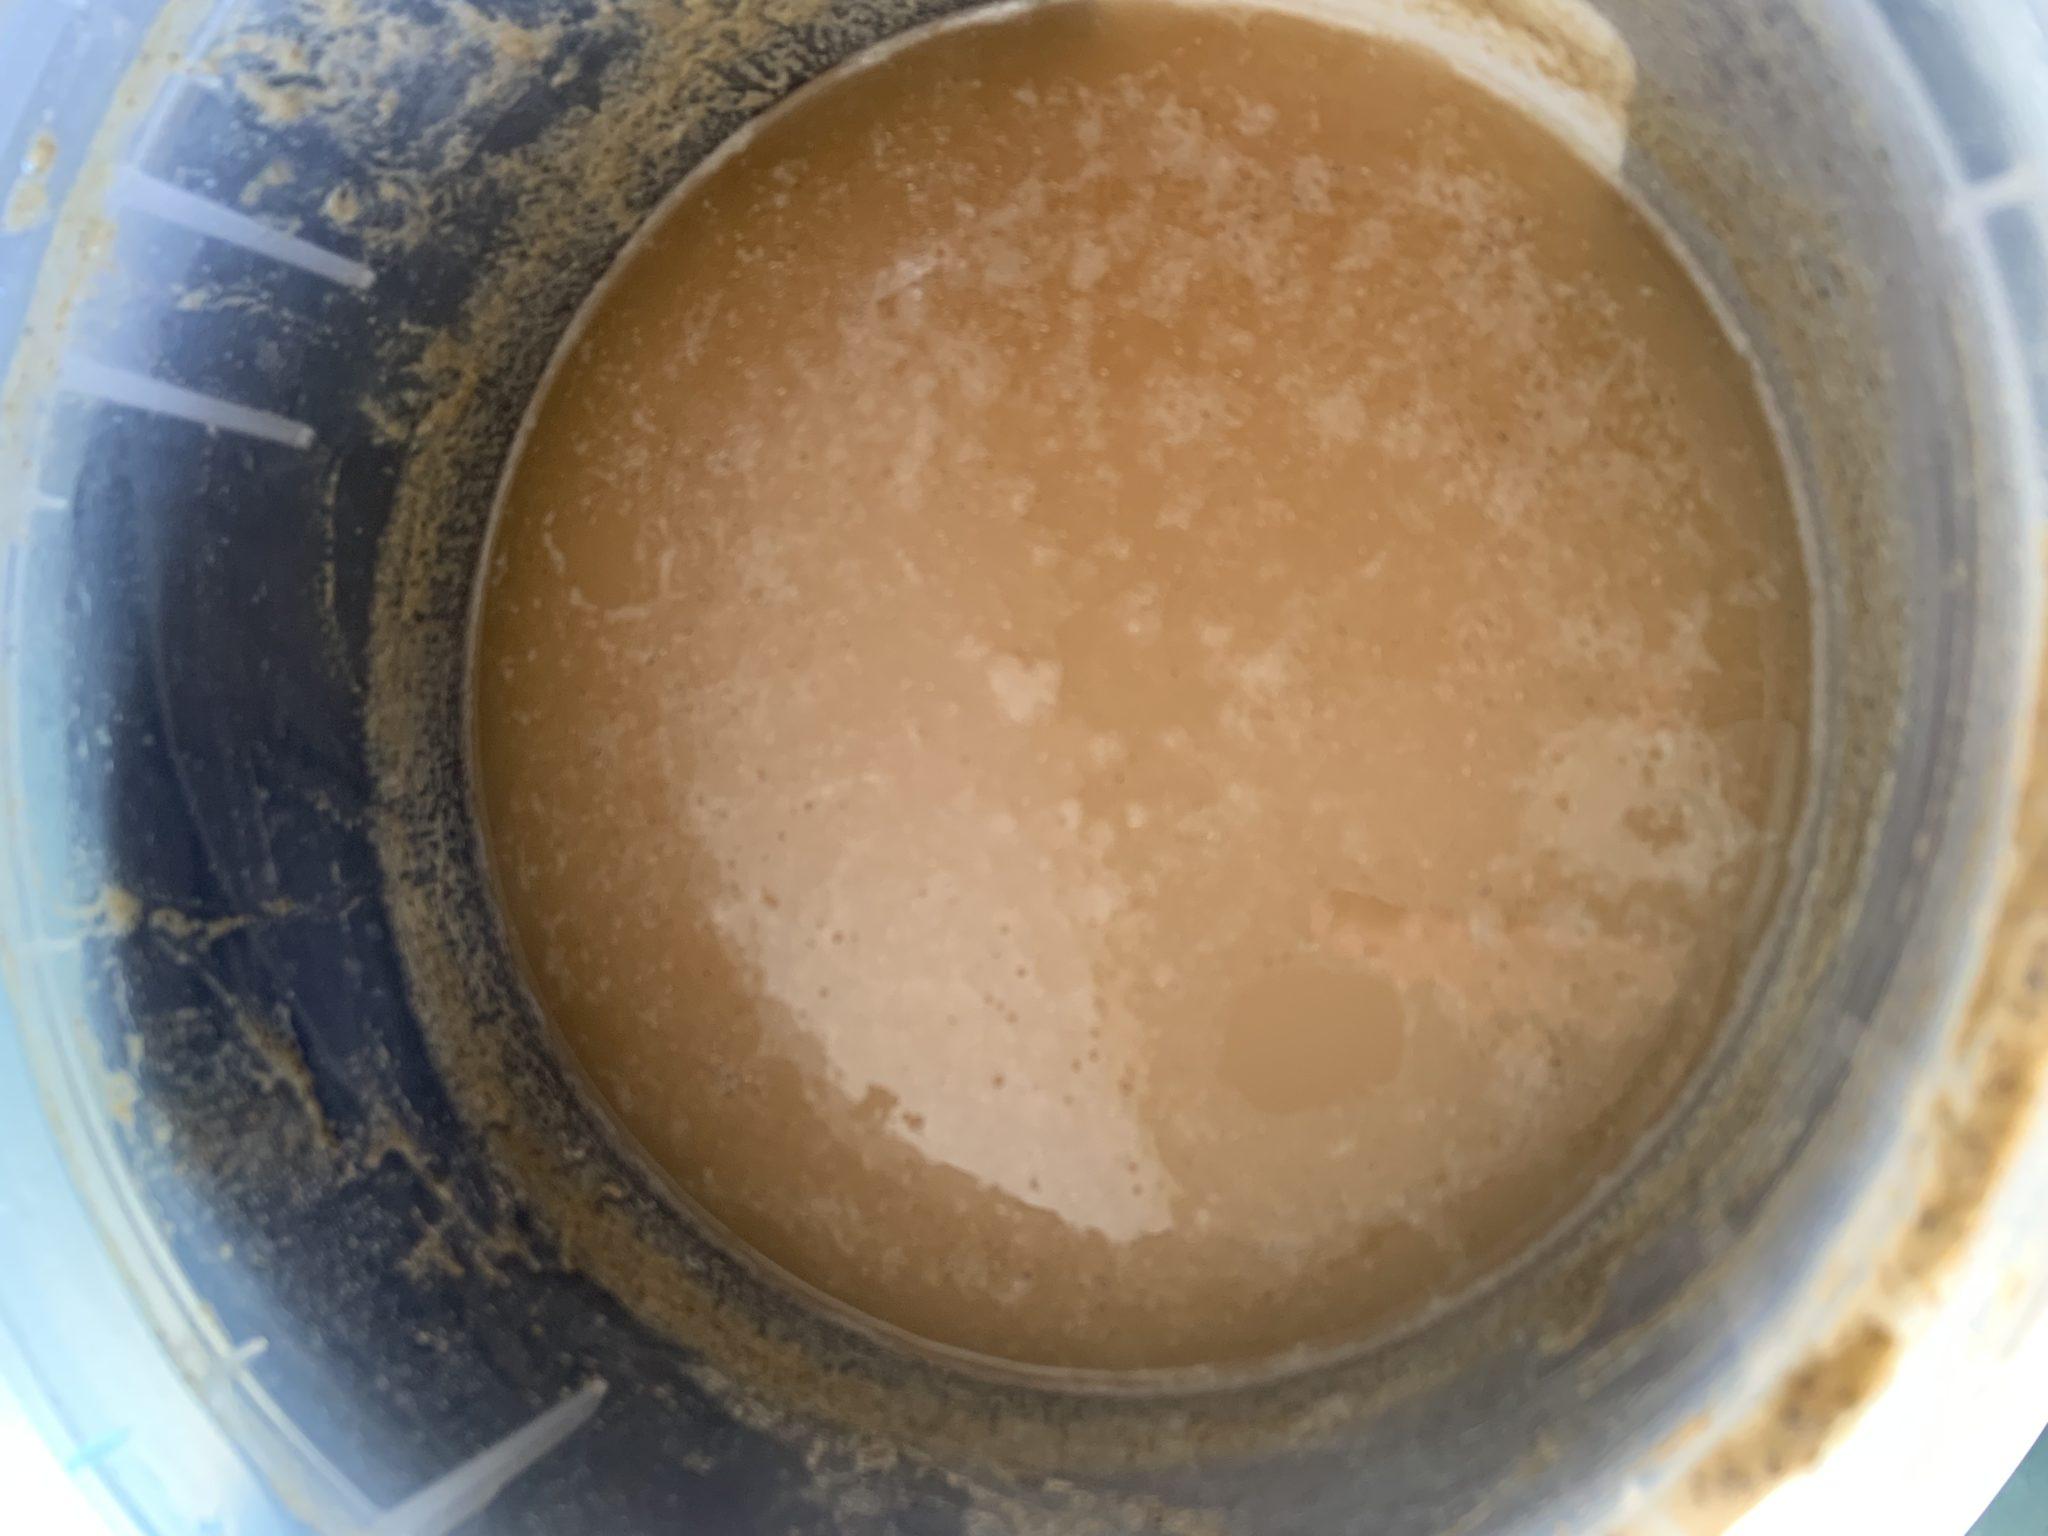 El fermento de soya revoluciona el mundo de la acuicultura simbiótica